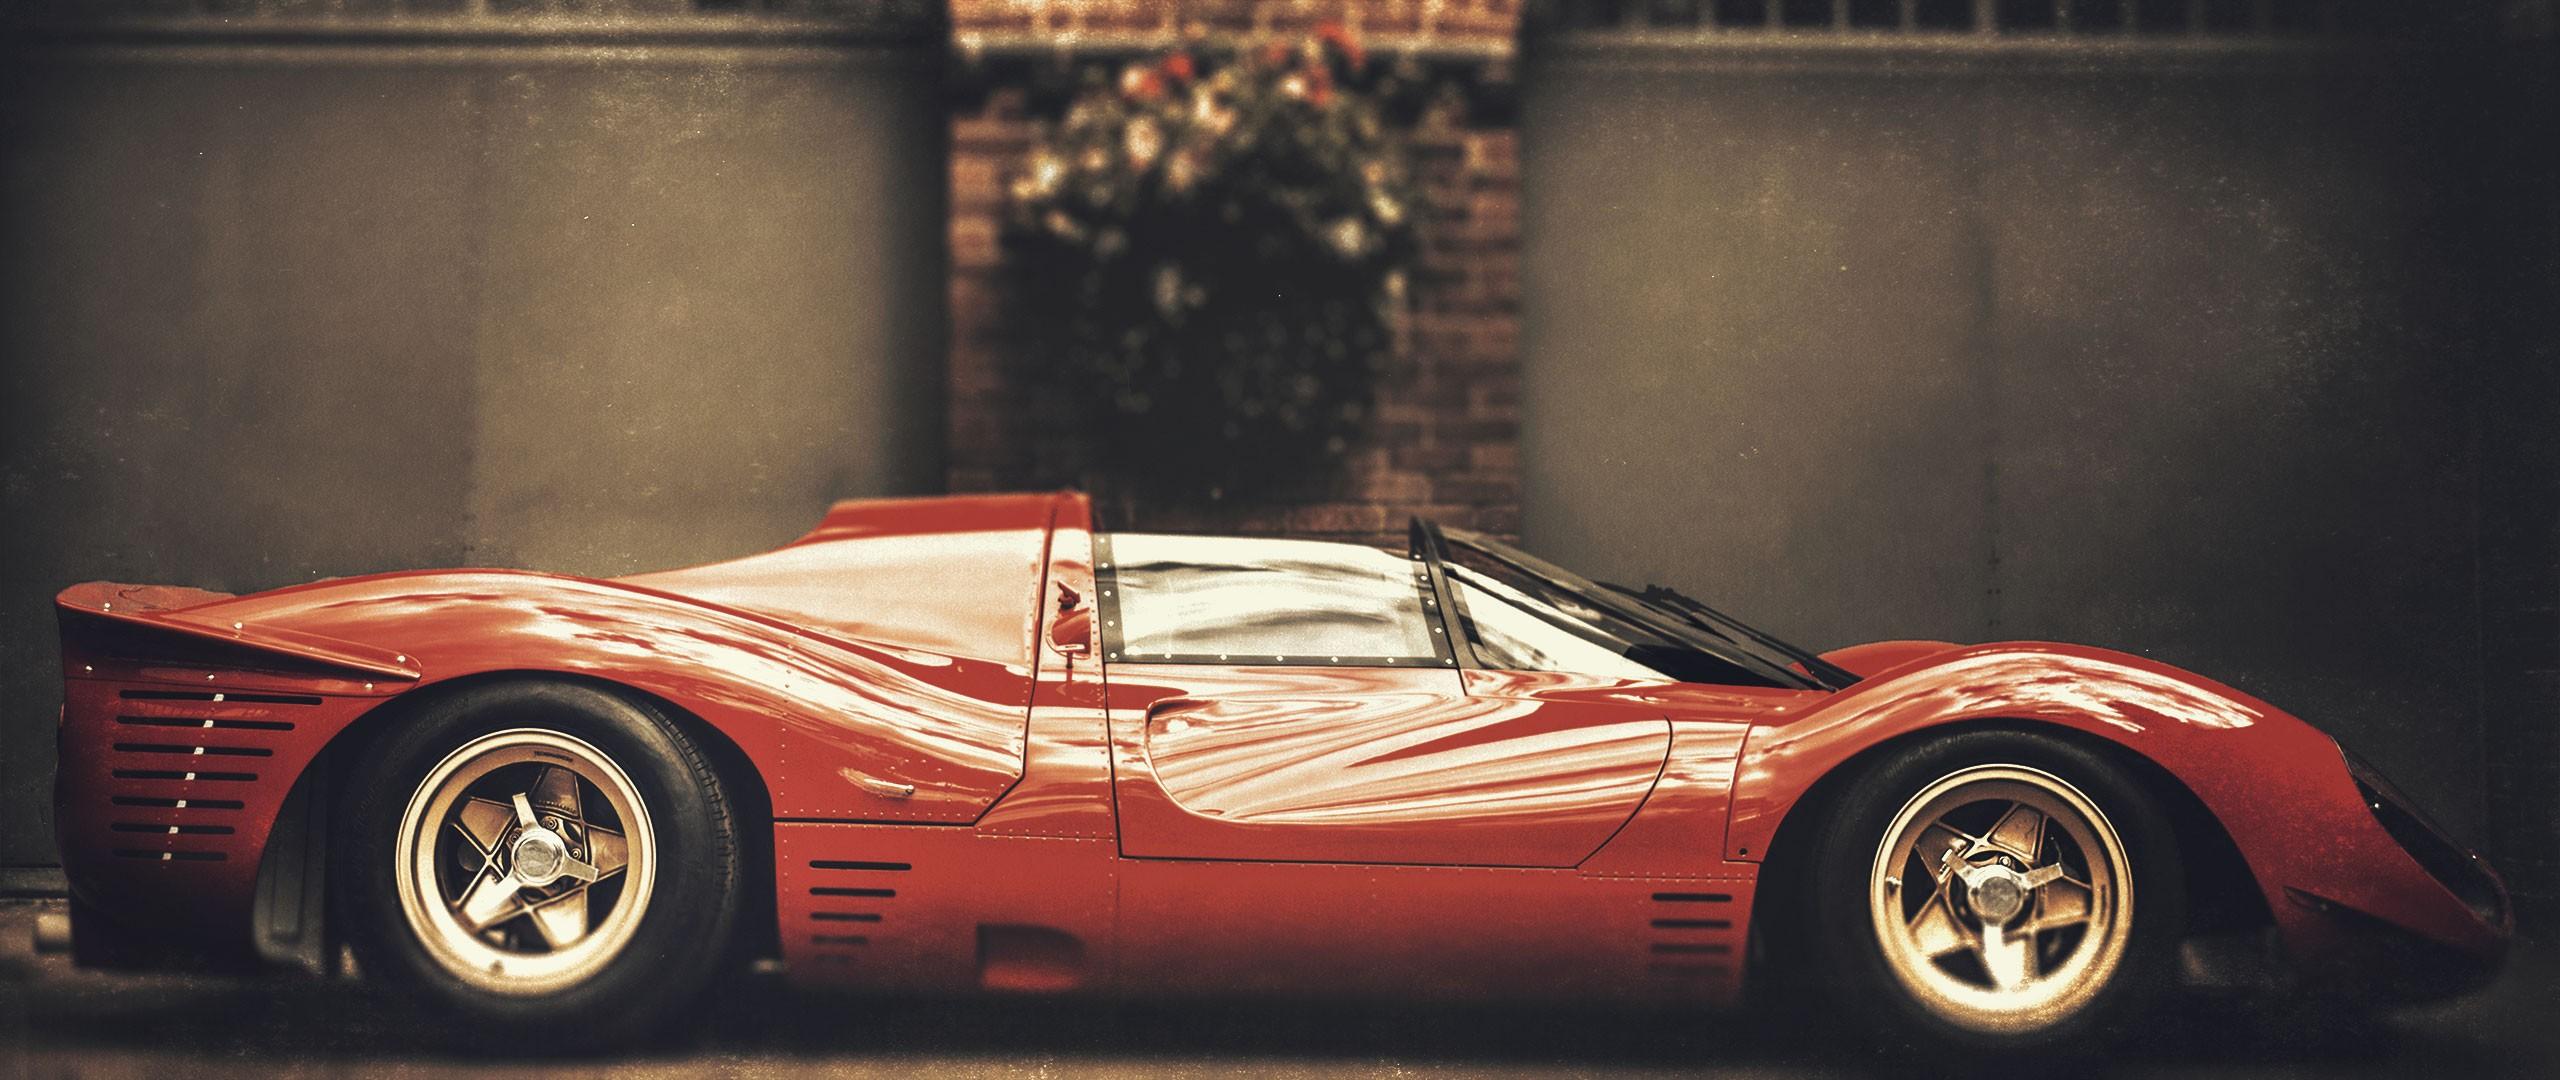 Wallpaper : Sports Car, Ferrari, Vintage Car, Supercar